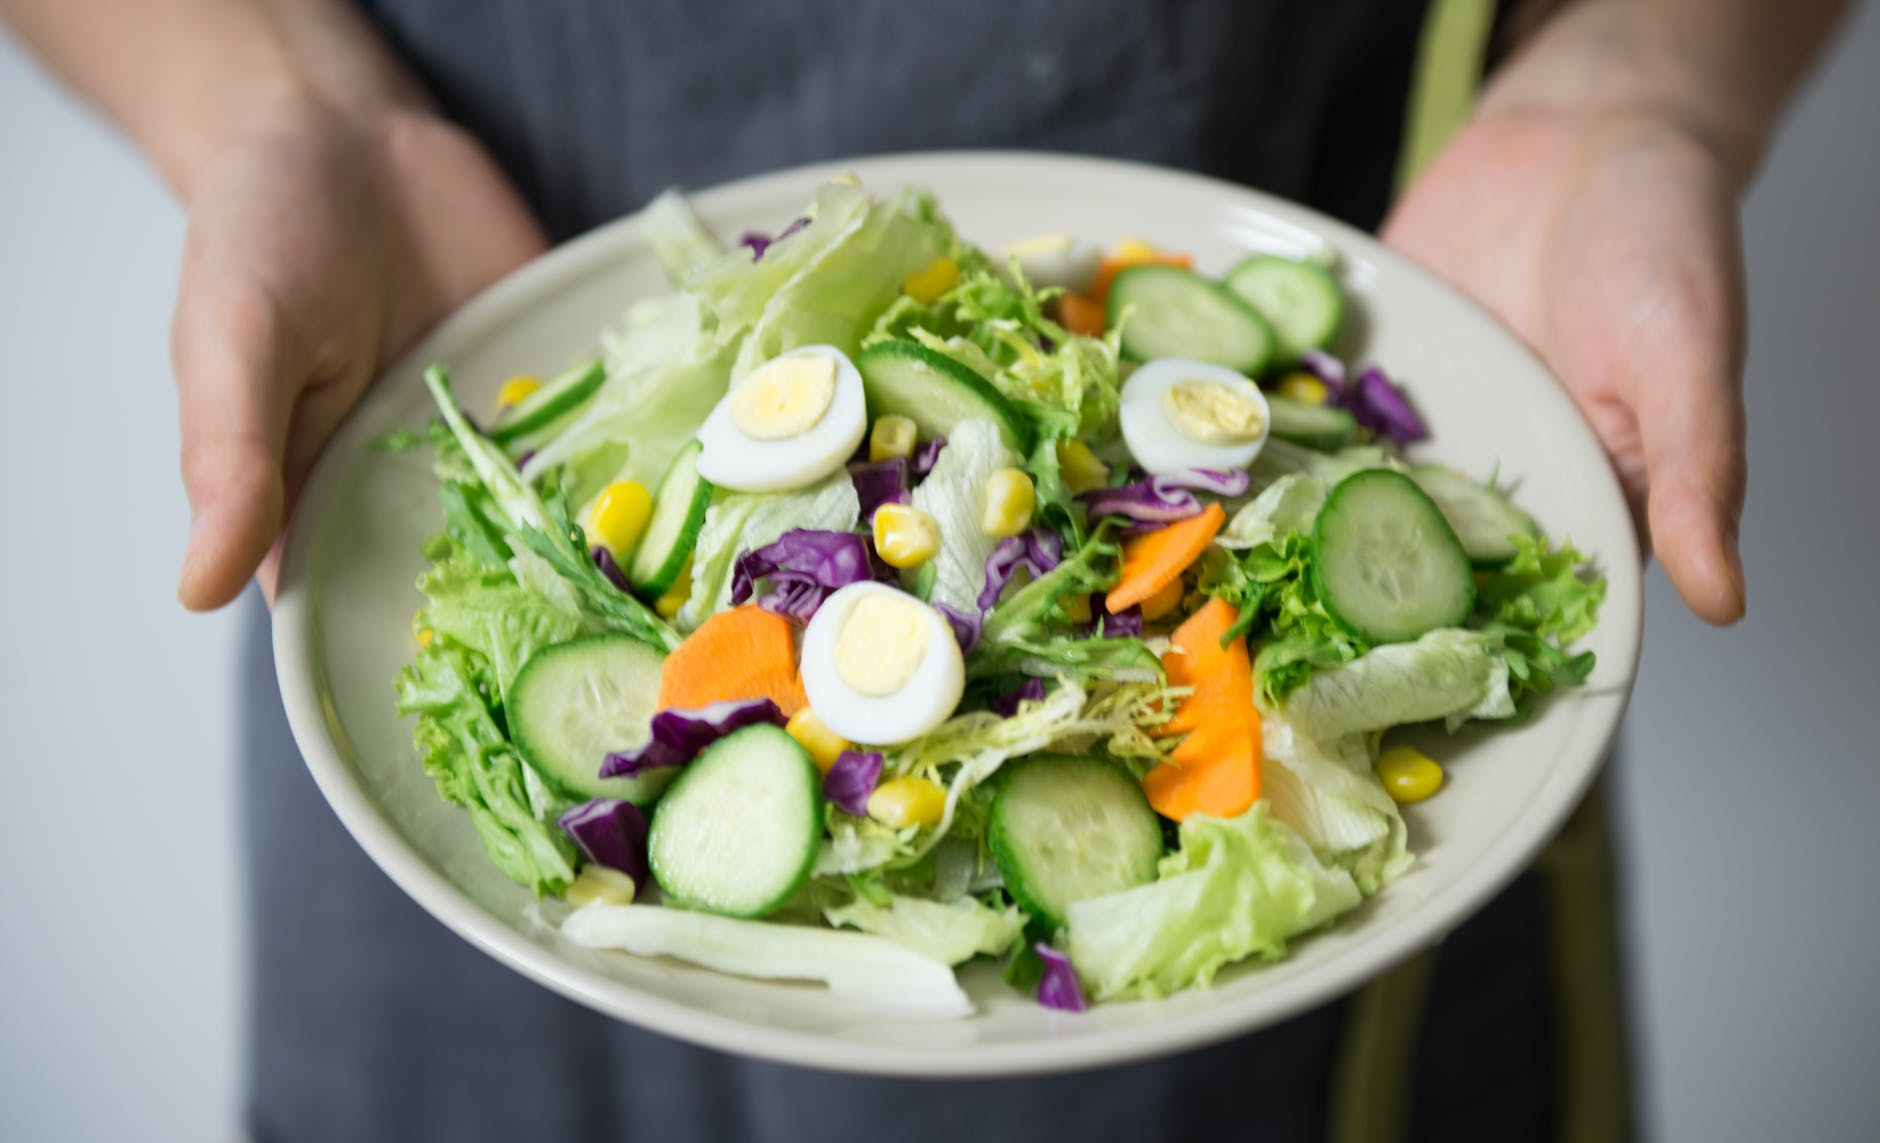 Konsumsi Sayuran Bantu Turunkan Berat Badan, Ini Faktanya